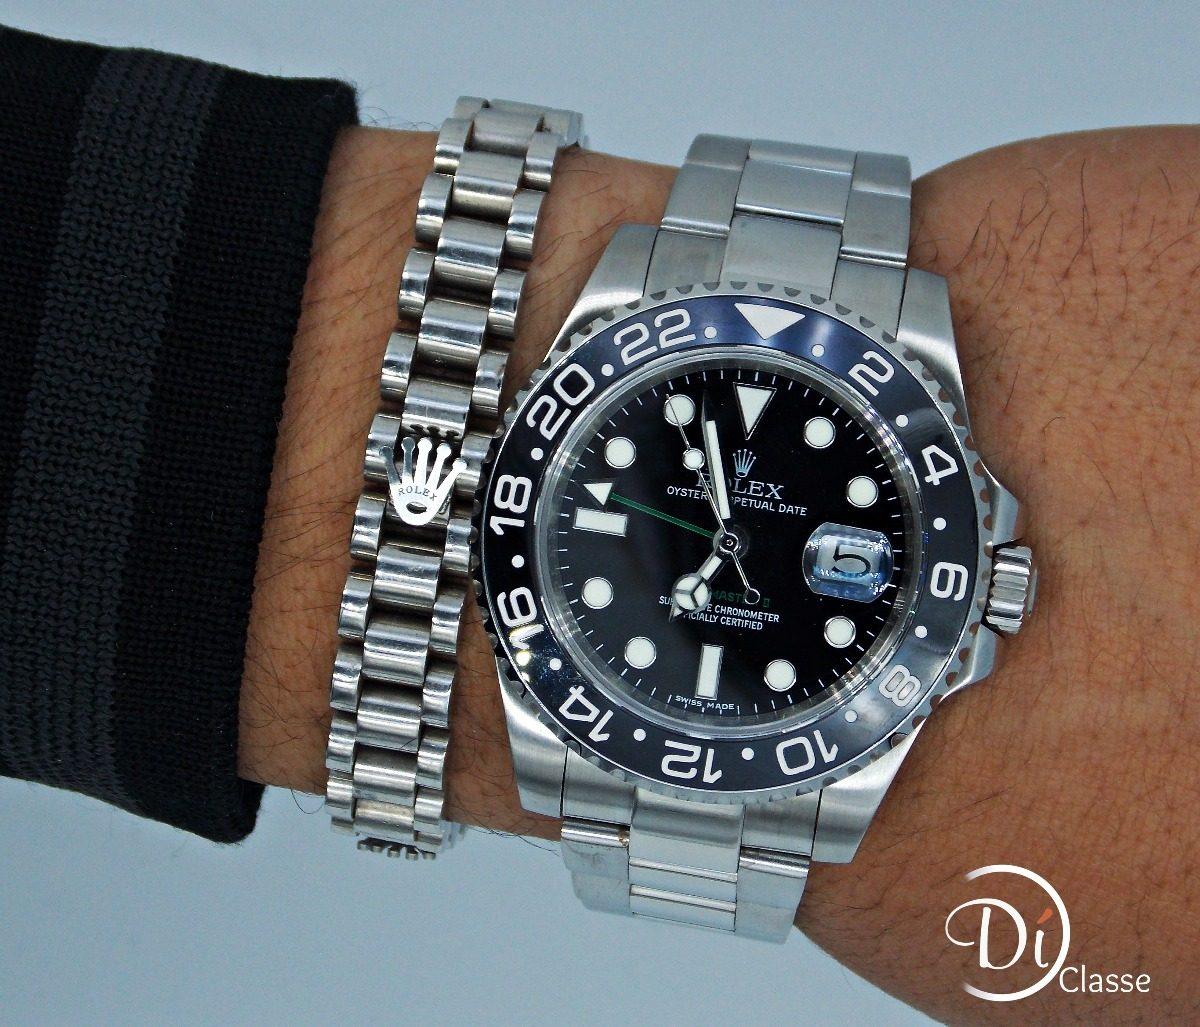 07bc9afcdae Reloj Rolex Gmt Master Ii Black Con Autentico Cristal Zafiro ...